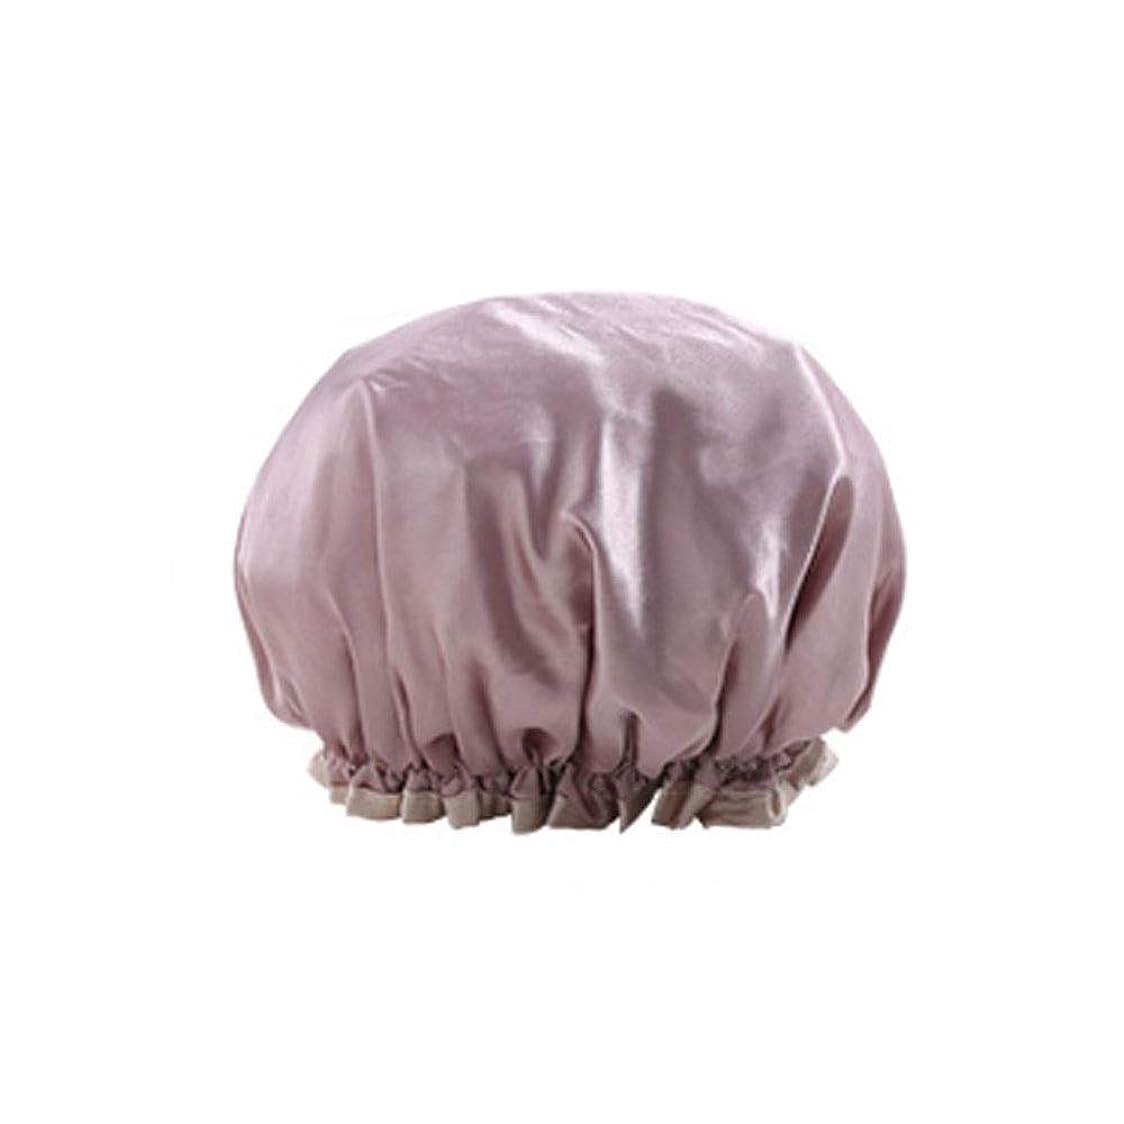 エゴイズムメガロポリス上院議員シャワーキャップ、レディースシャワーキャップレディース用のすべての髪の長さと太さのデラックスシャワーキャップ - 防水とカビ防止、再利用可能なシャワーキャップ。 (Color : Champagne)